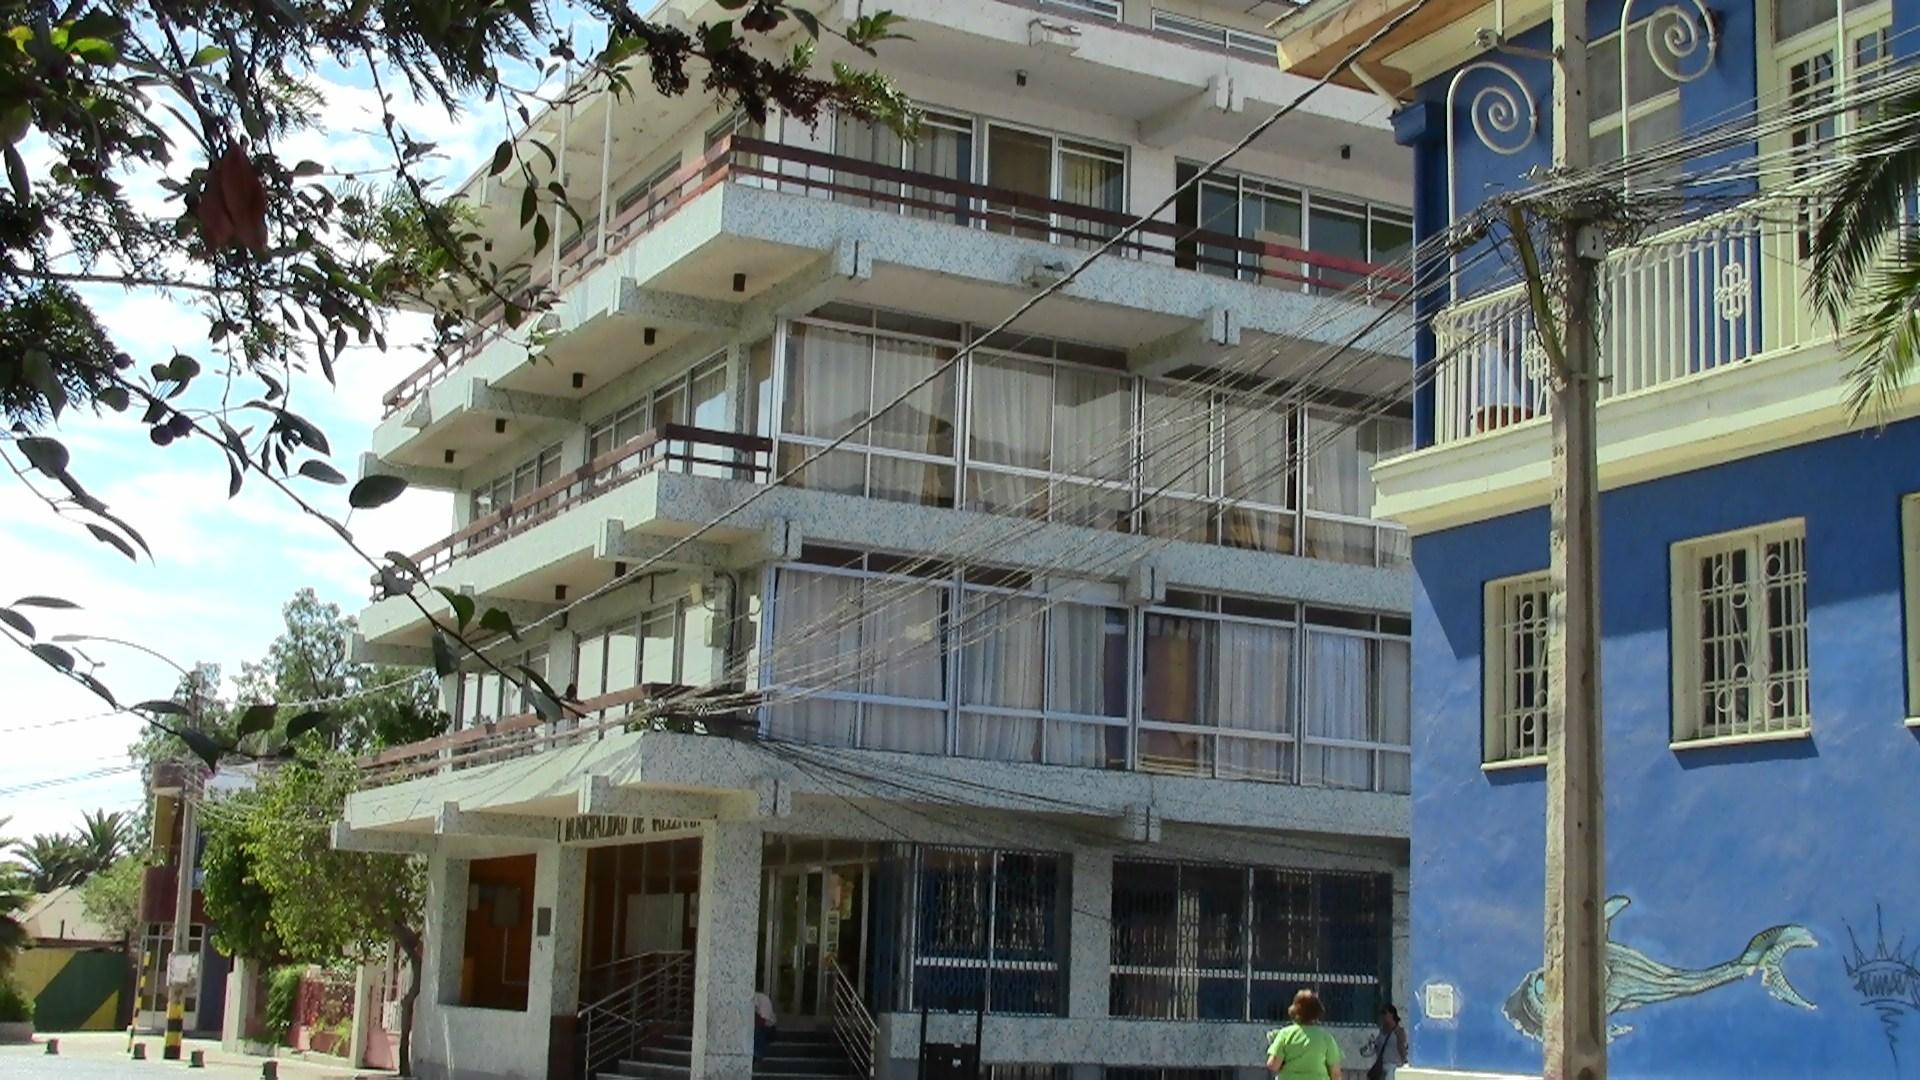 Municipio de Vallenar pone fin a convenio de casi 50 funcionarios a honorarios